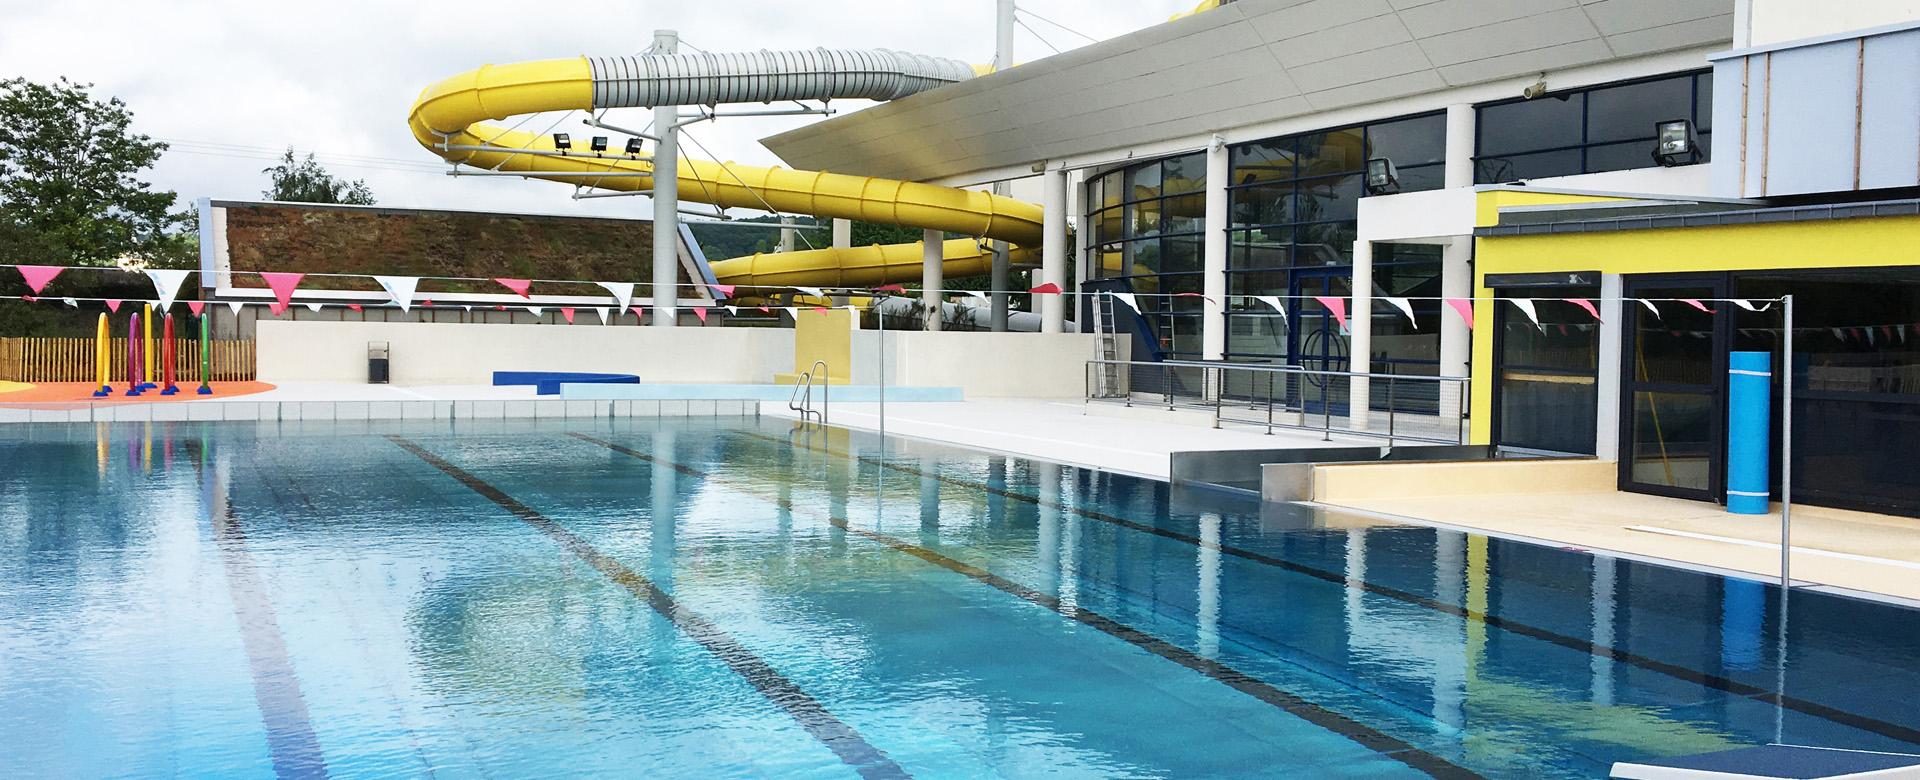 Réouverture du centre aquatique Aquaval le 8 juin